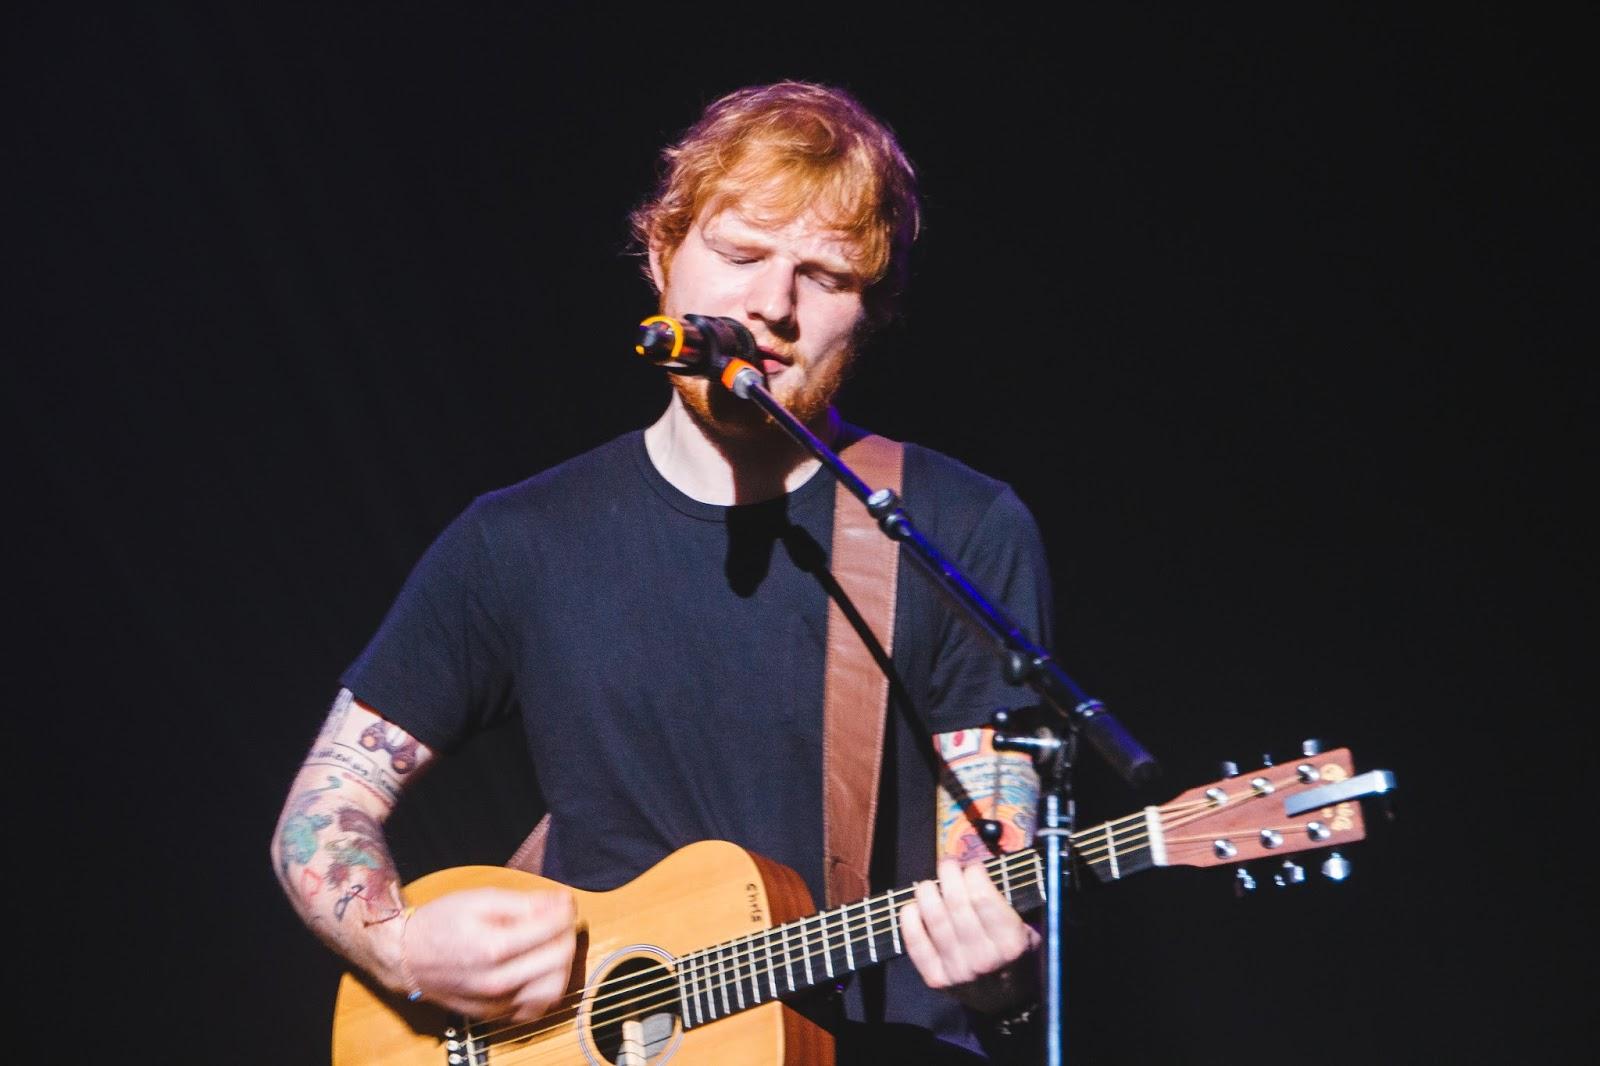 Ed Sheeran No.6 Collaborations